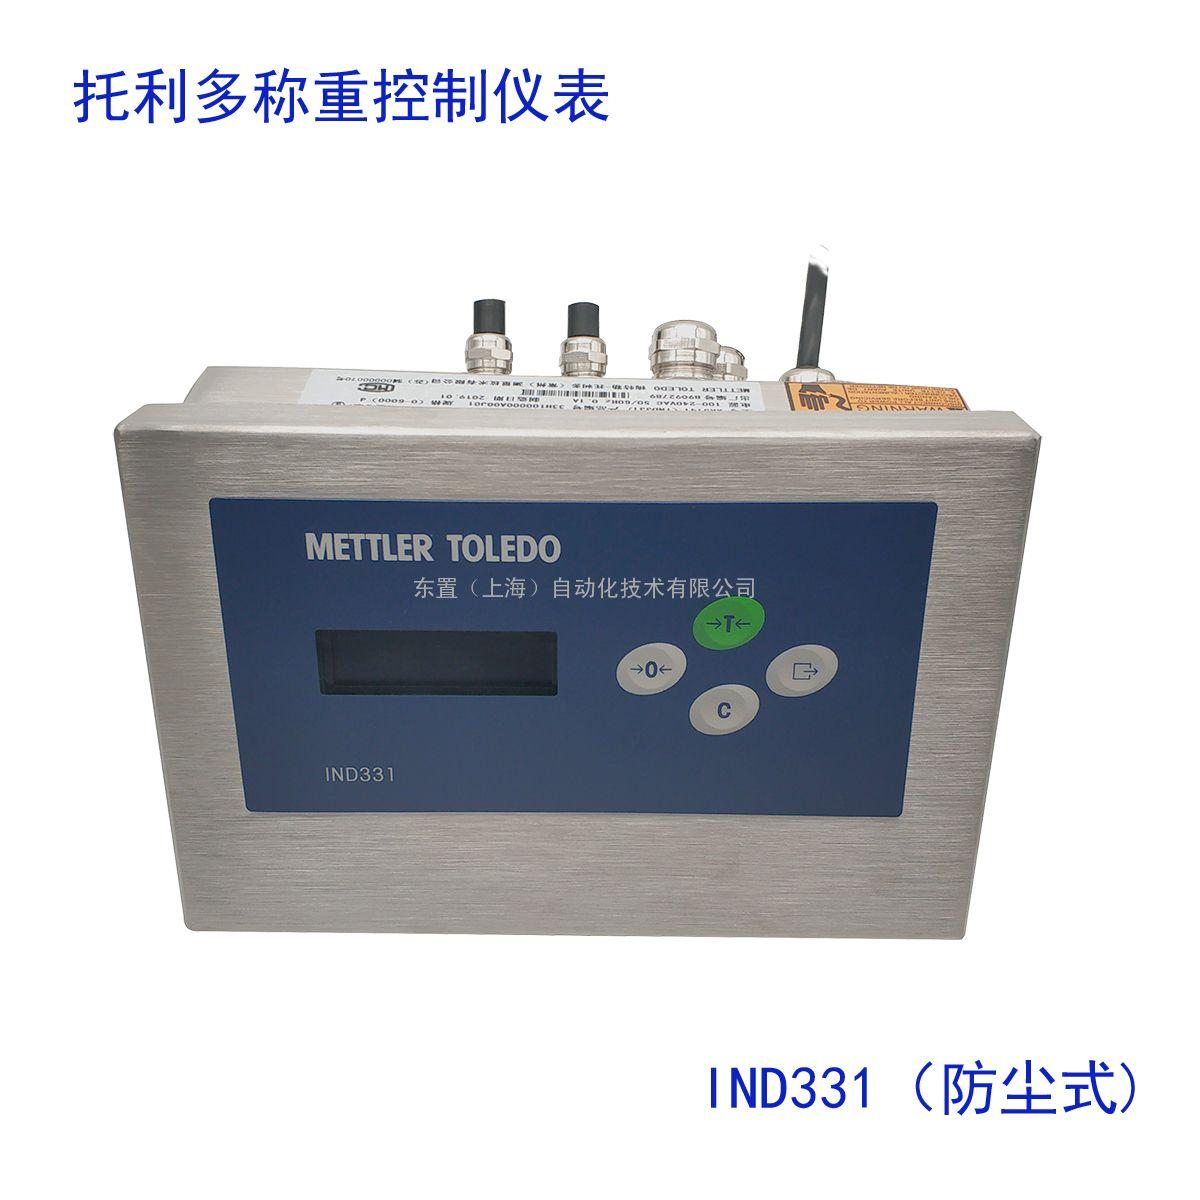 梅特勒托利多 �Q重控制�x表 IND331 XK3141 配料控制表 面板式